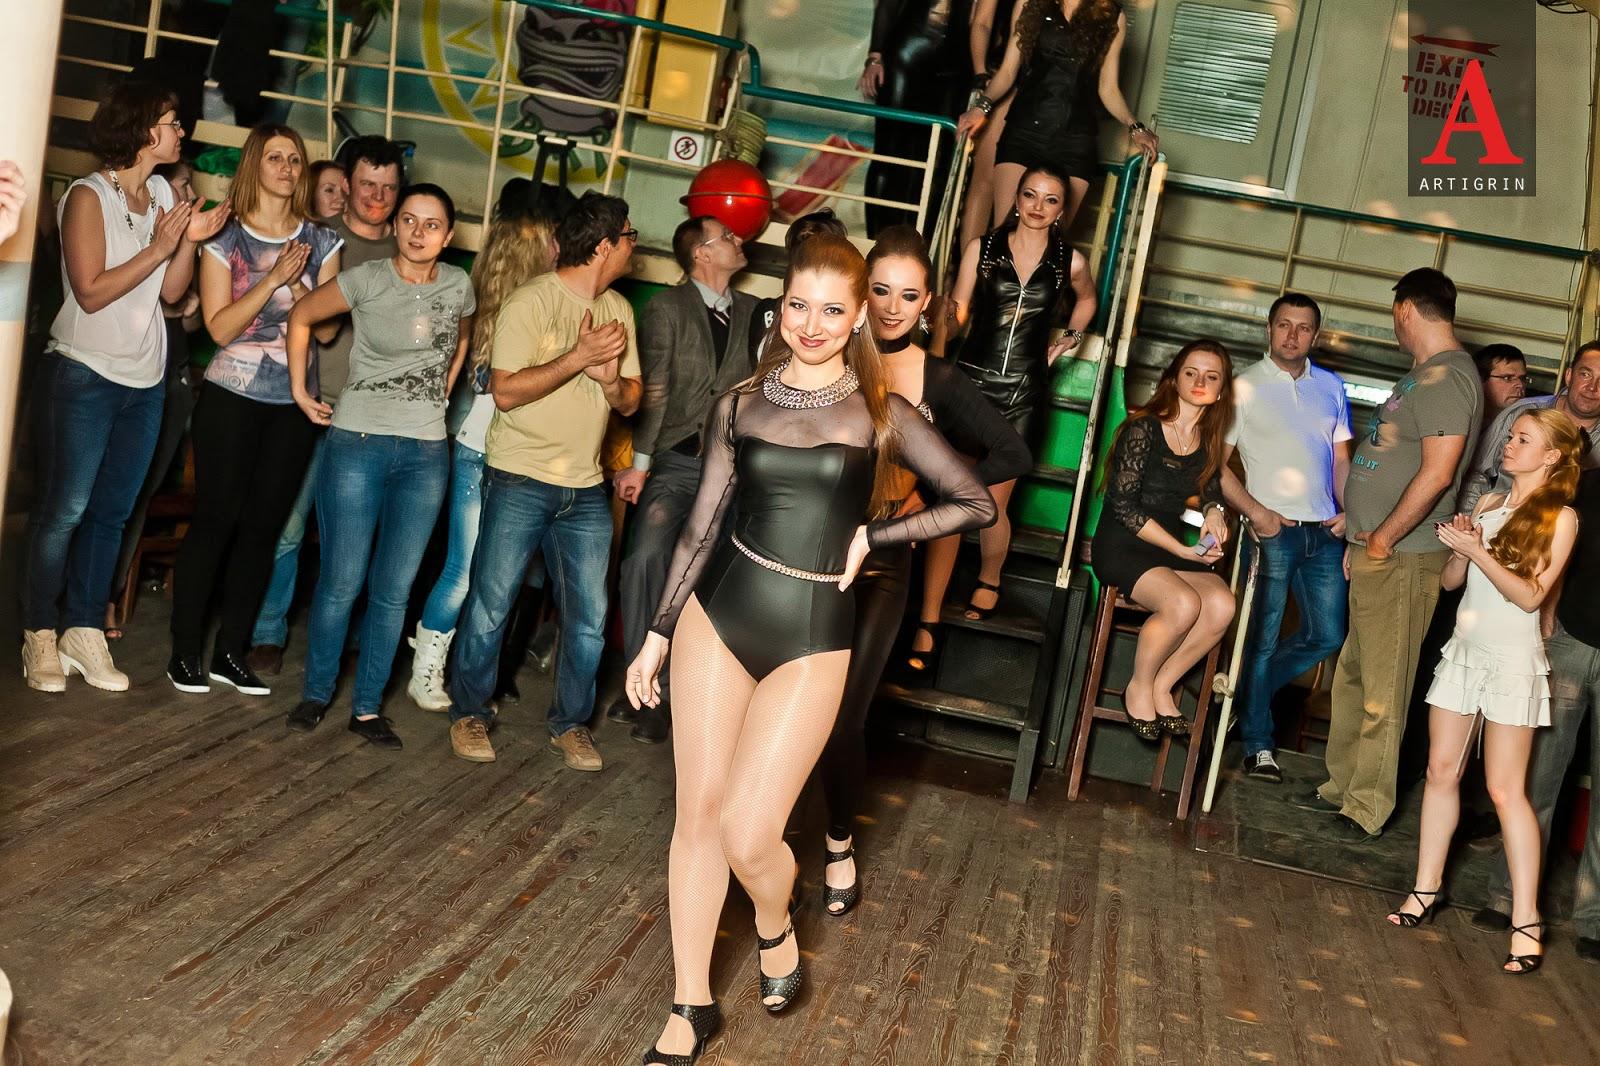 porno-massazh-organizatsiya-zakritih-sving-vecherinok-v-rossii-zheni-chastnoe-video